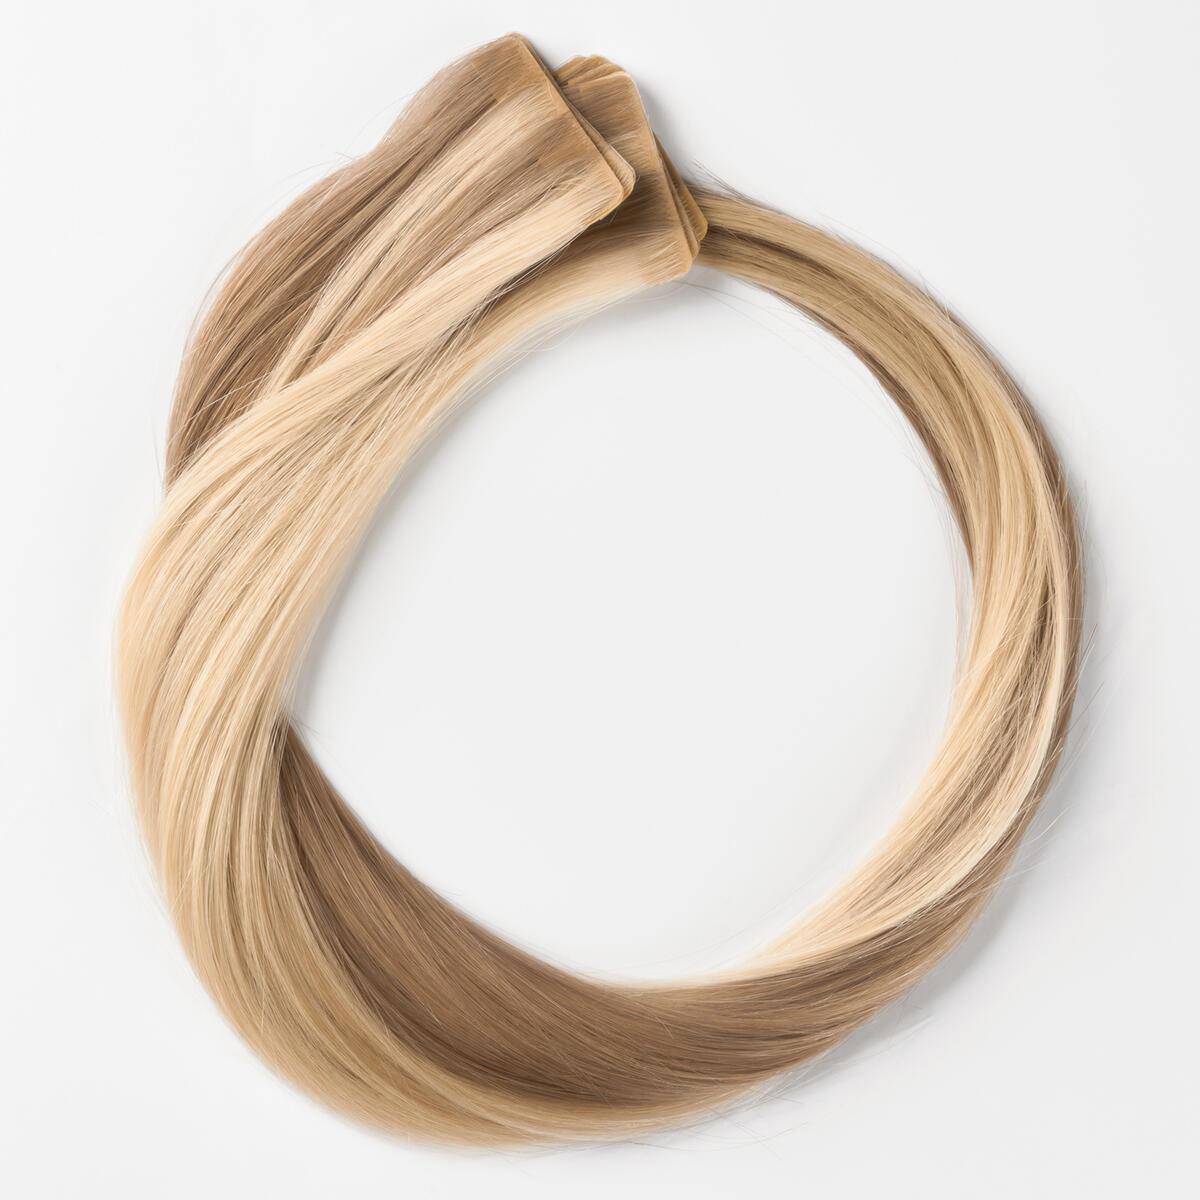 Pro Tape Extension Premium M7.3/10.8 Cendre Ash Blonde Mix 50 cm